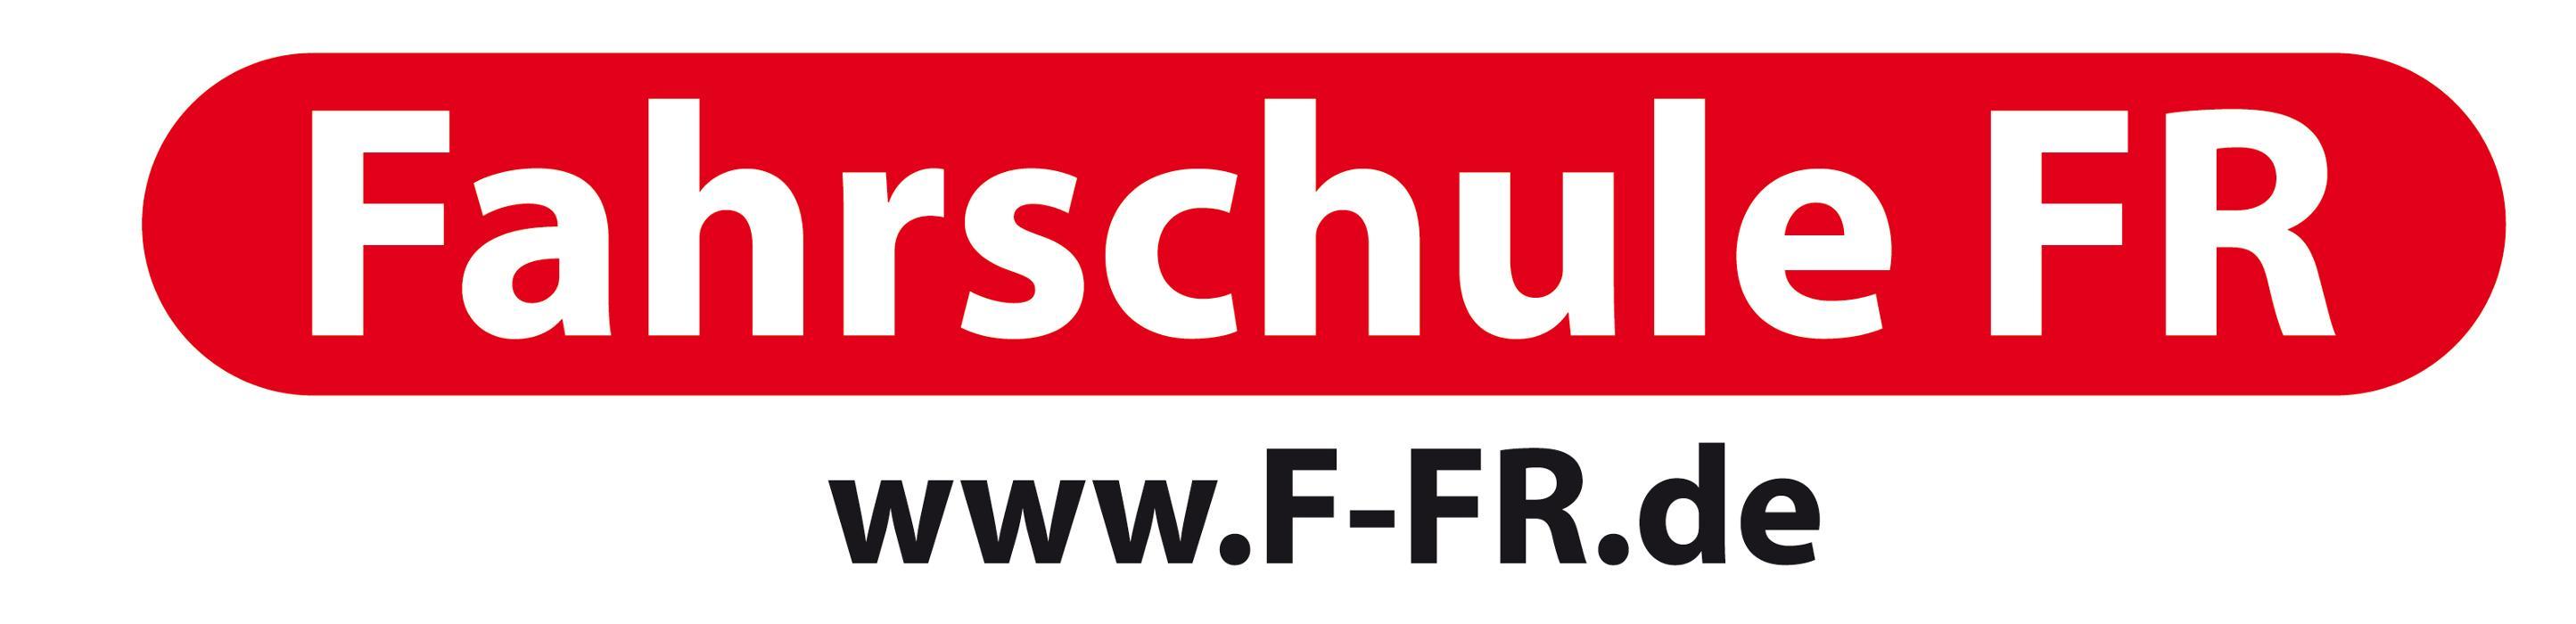 Bild zu FahrschuleFR in Werne